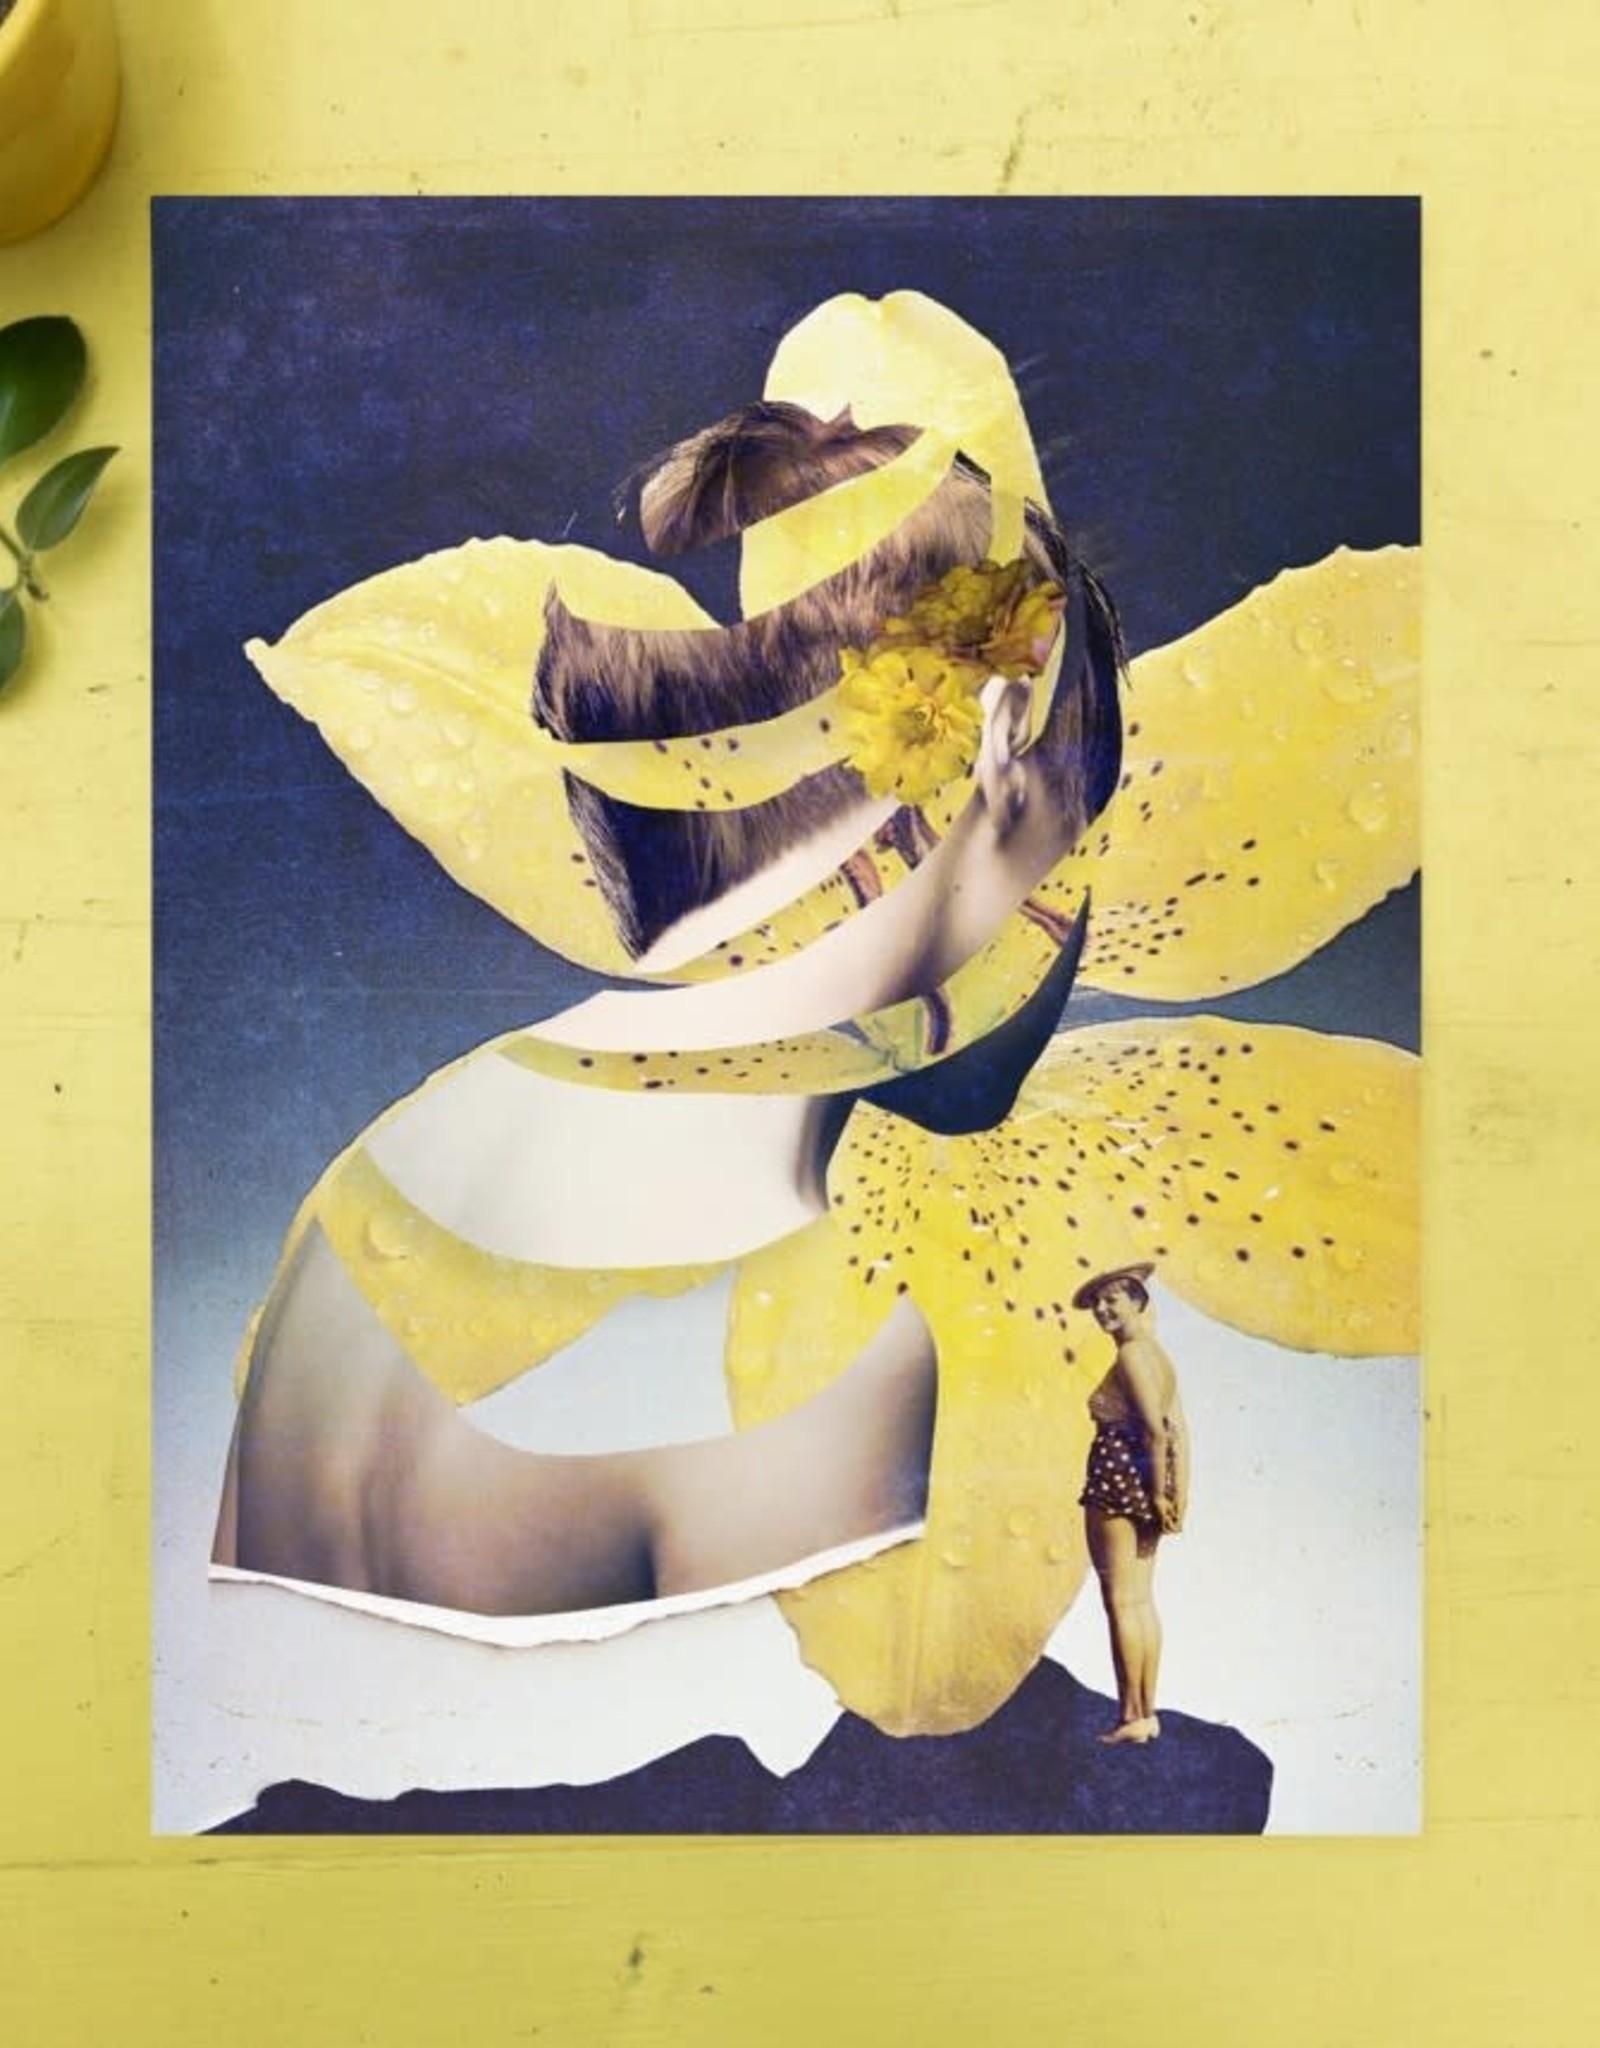 DRÉA Collage Affiche 8.5X11 Fleur de peau Dréa Collage